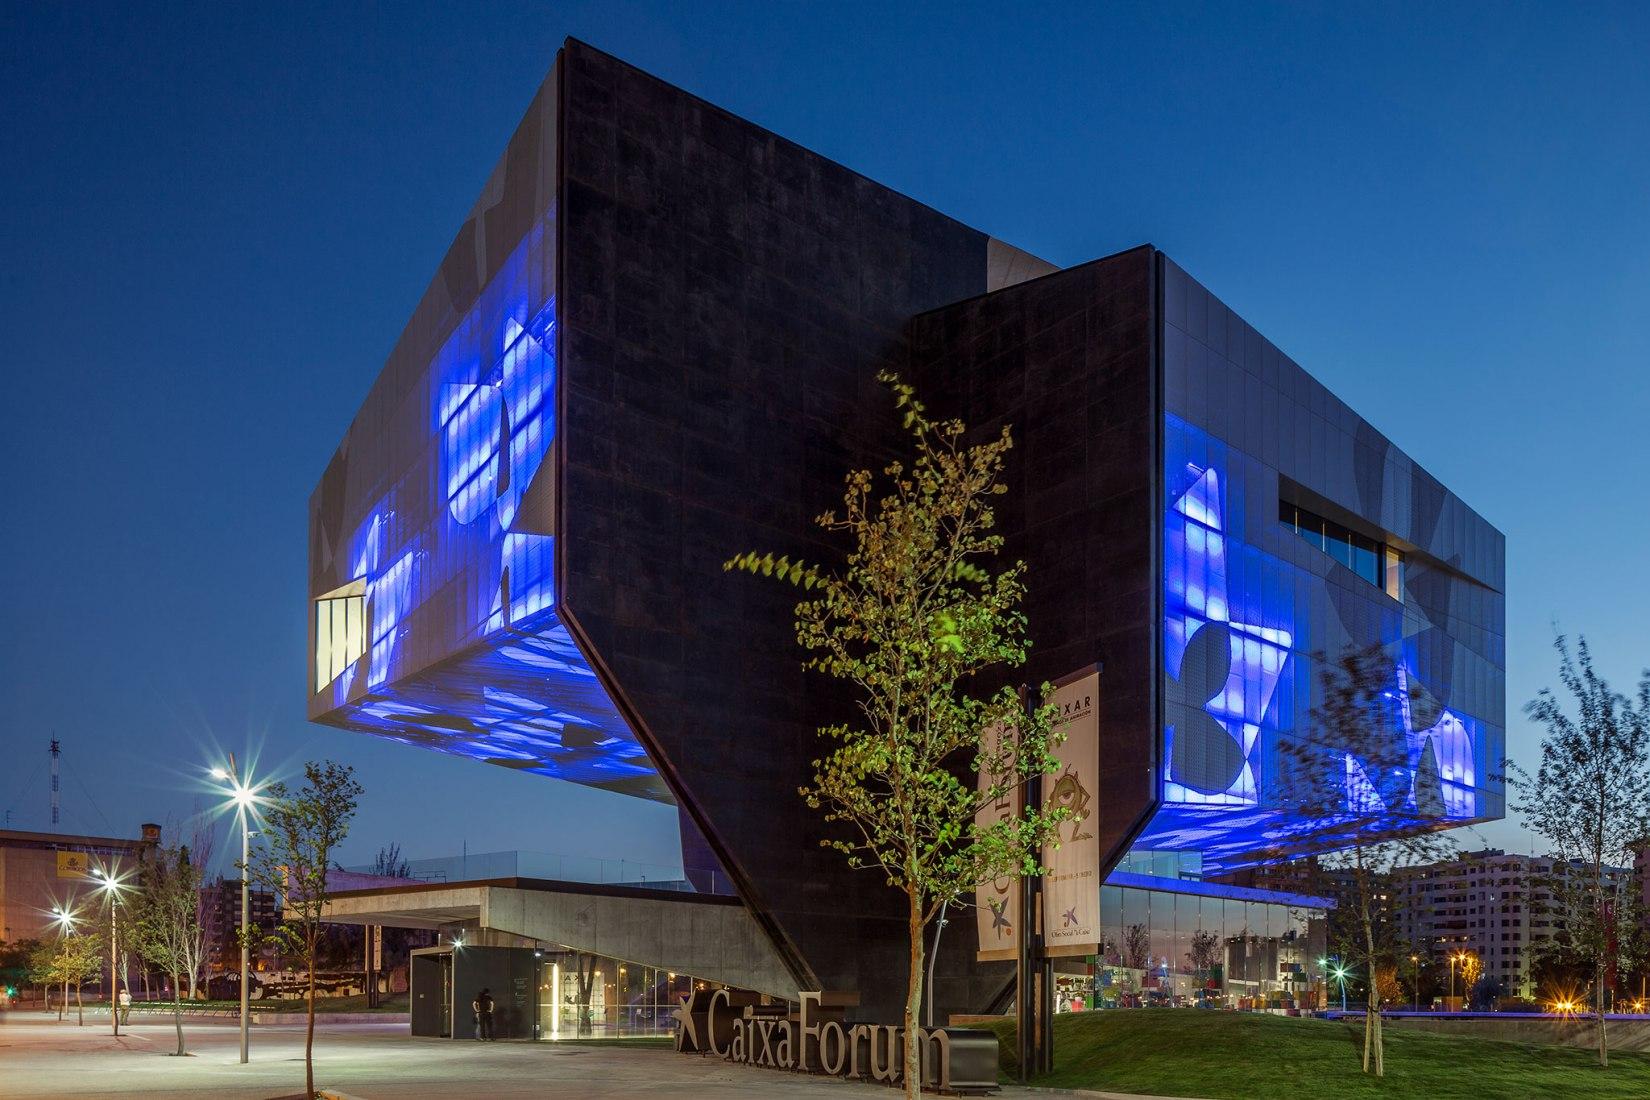 Centro Cultural CaixaForum, 2008-2014, Zaragoza. Carme Pinós - Escenarios Para la Vida. Fotografía por Simon Garcia   arqfoto